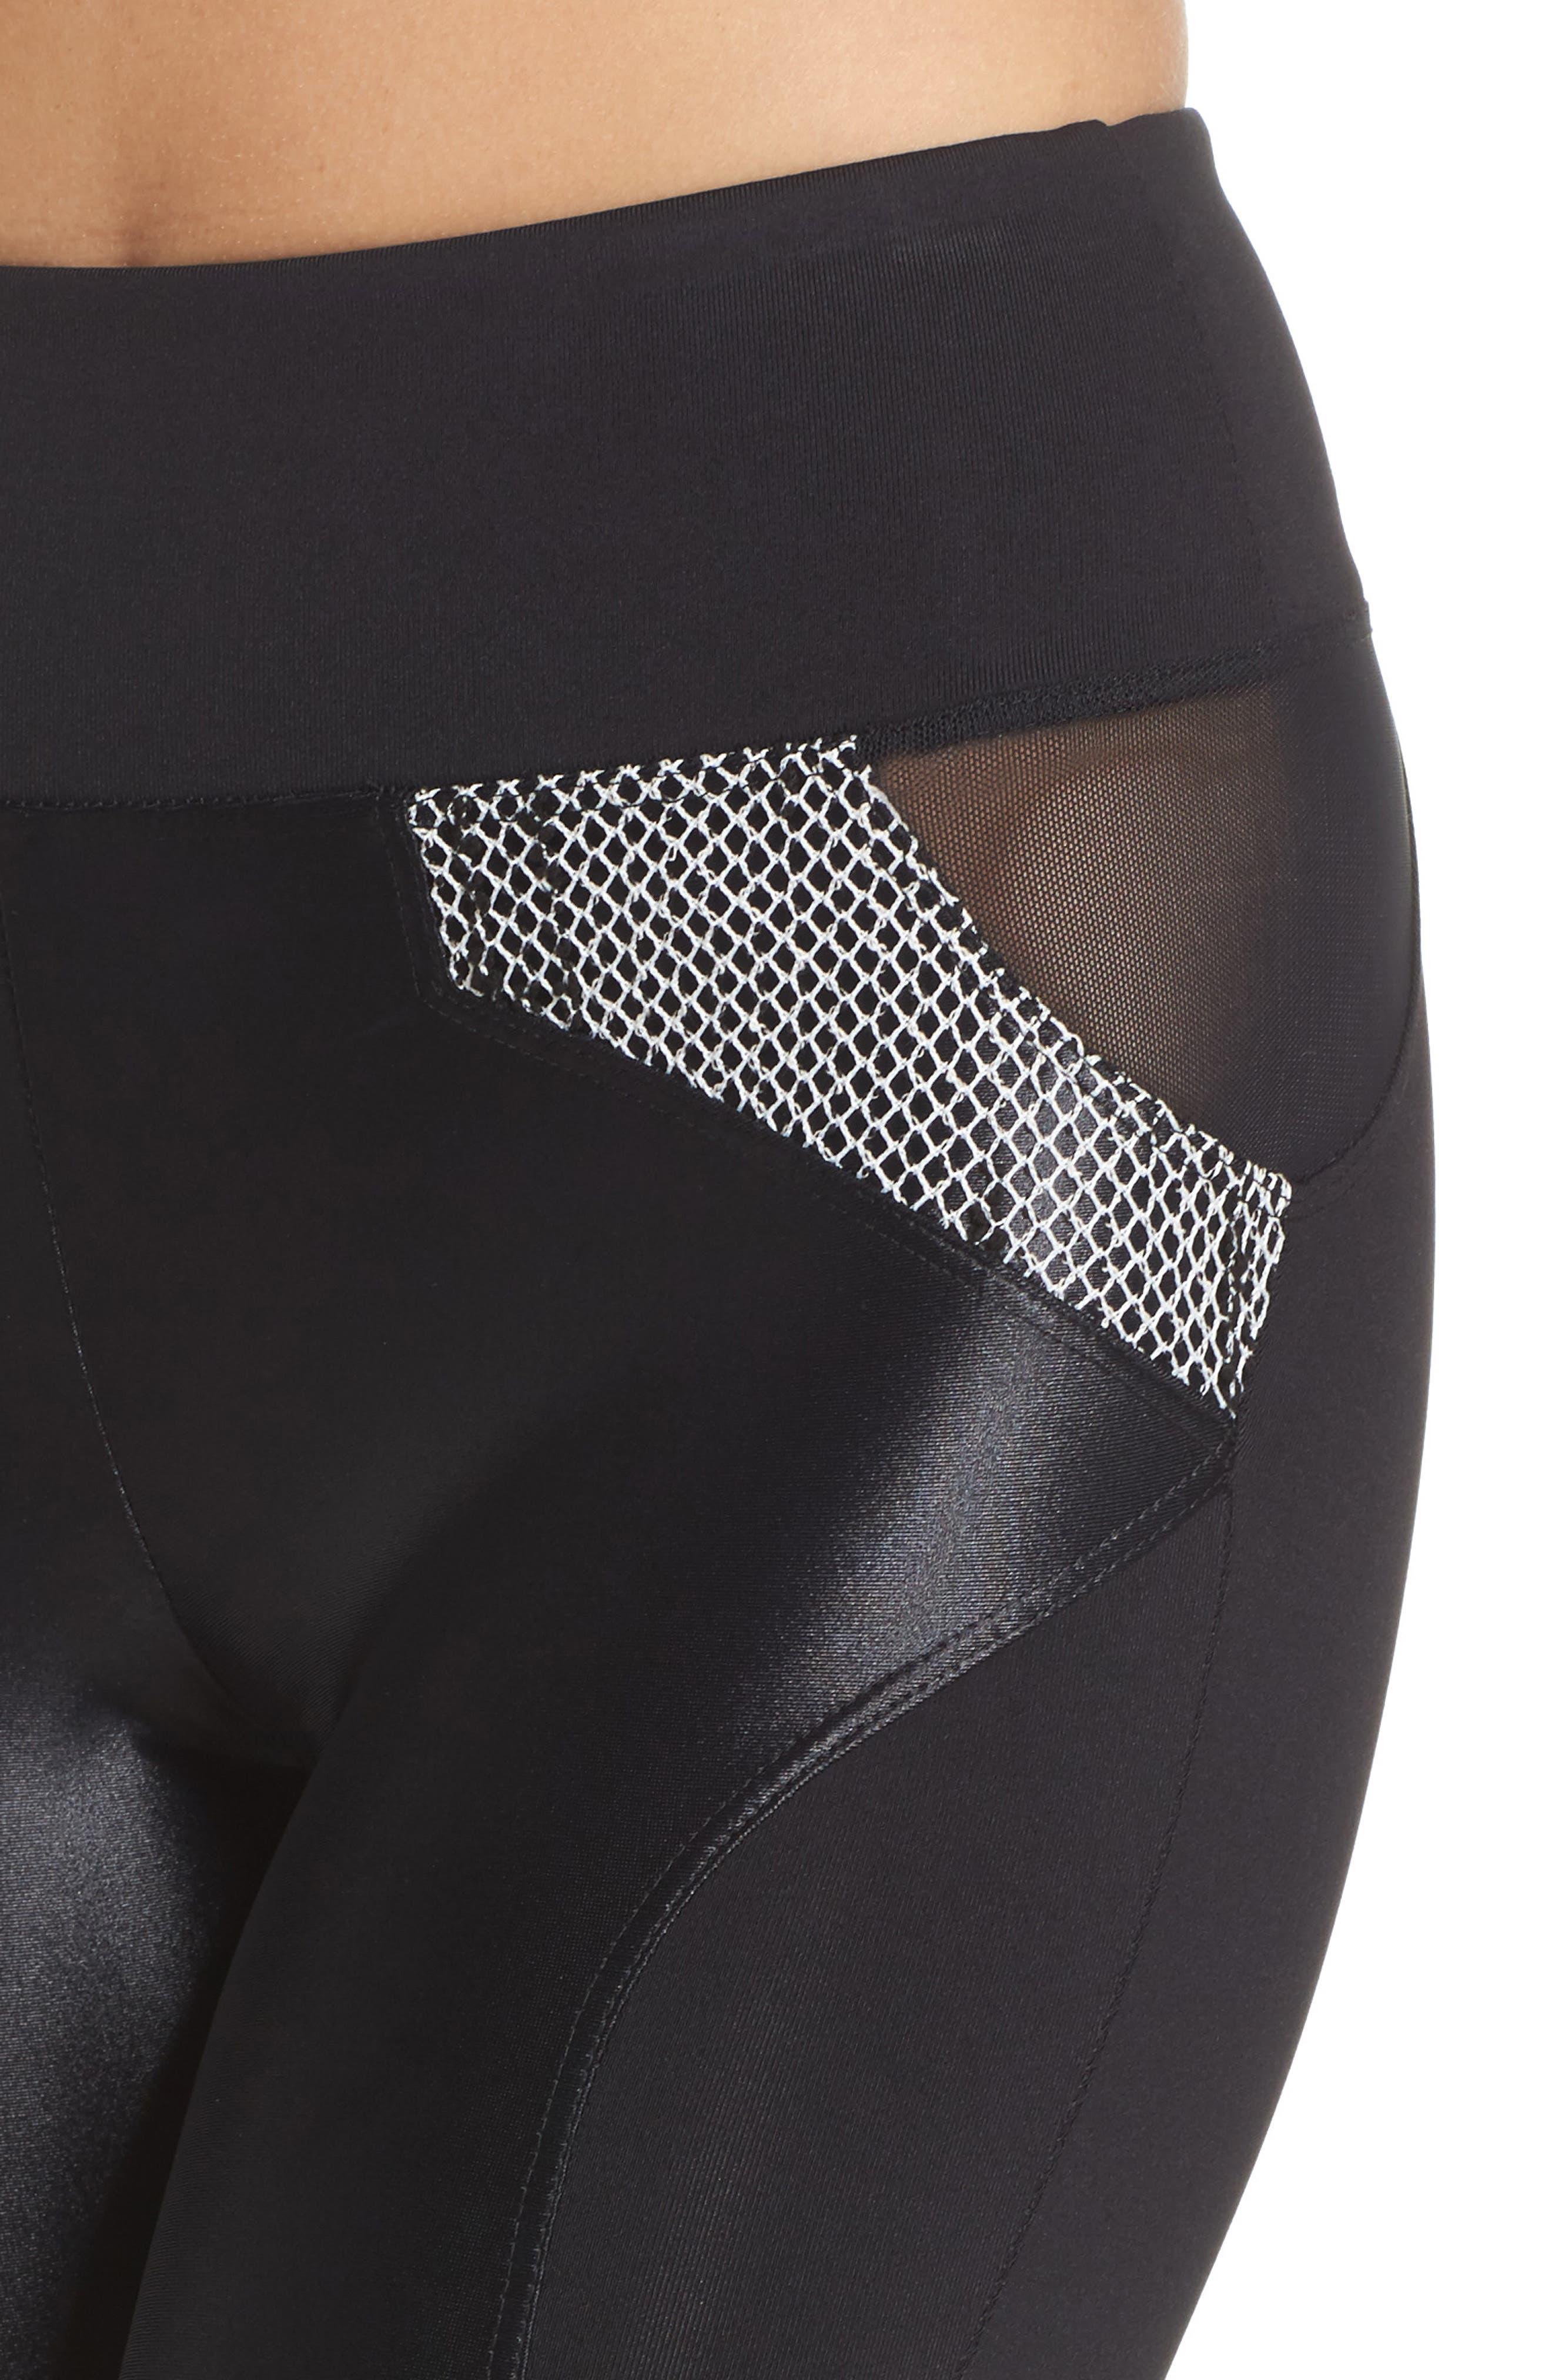 Waves High Waist Leggings,                             Alternate thumbnail 4, color,                             Black/ Weave